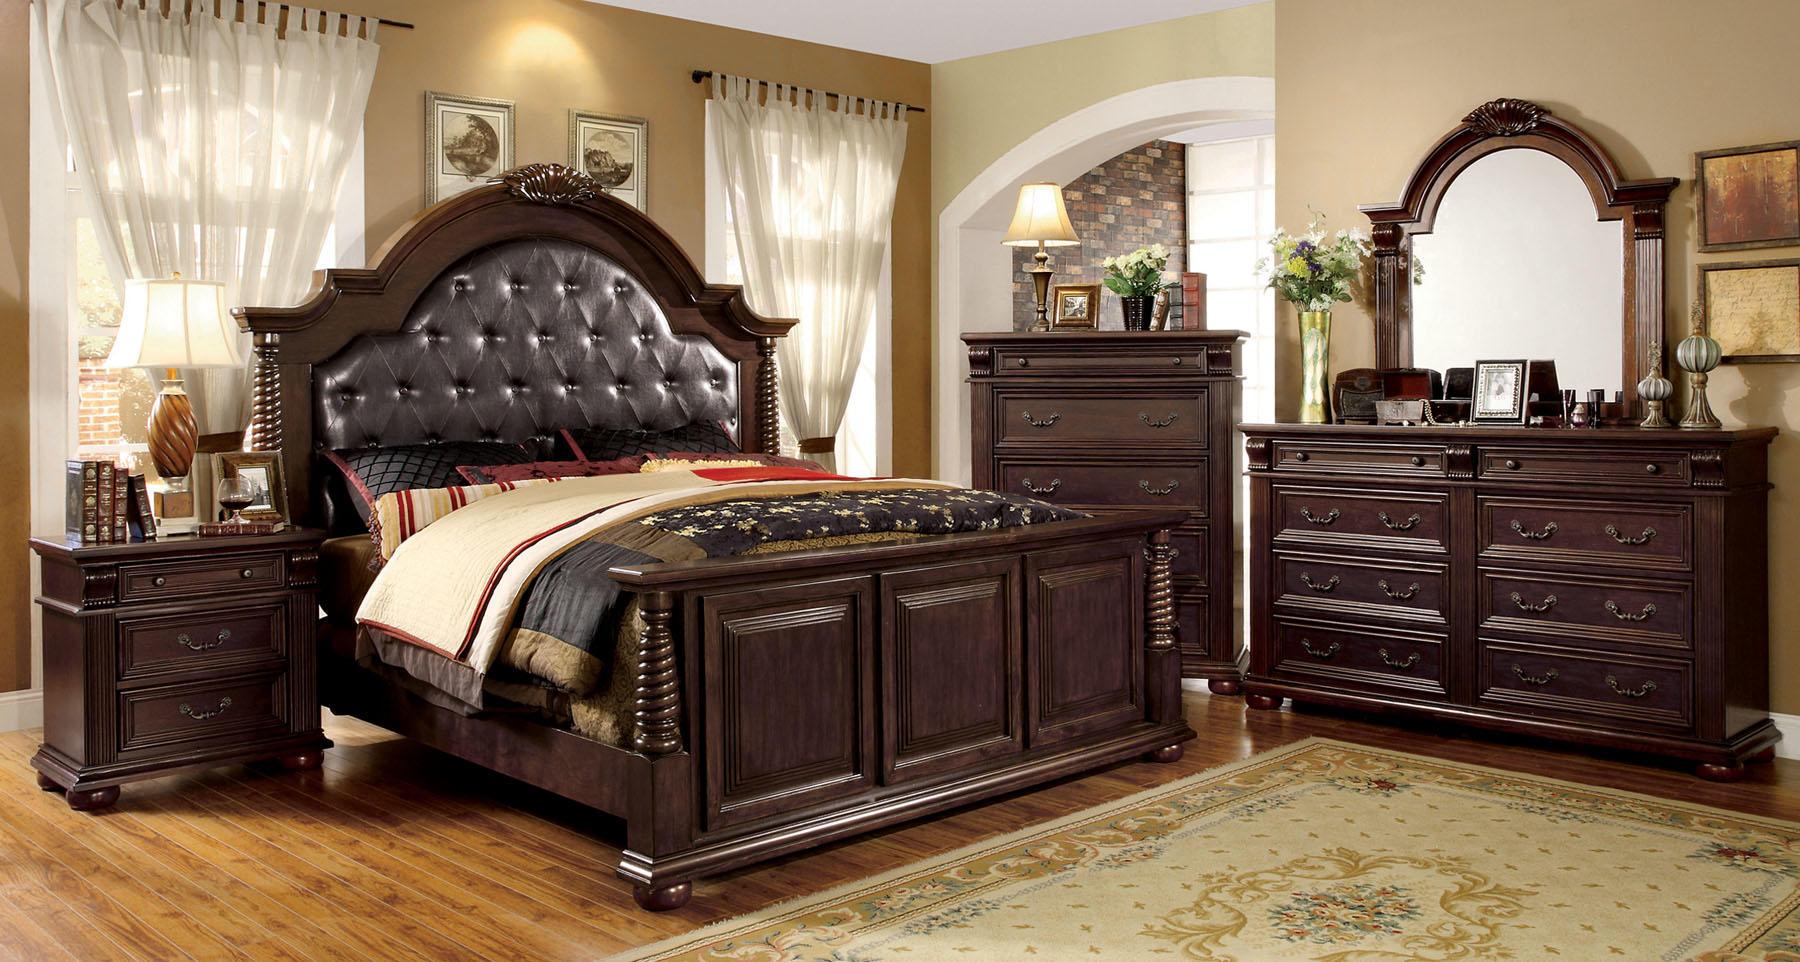 Designer Furniture 4 Less